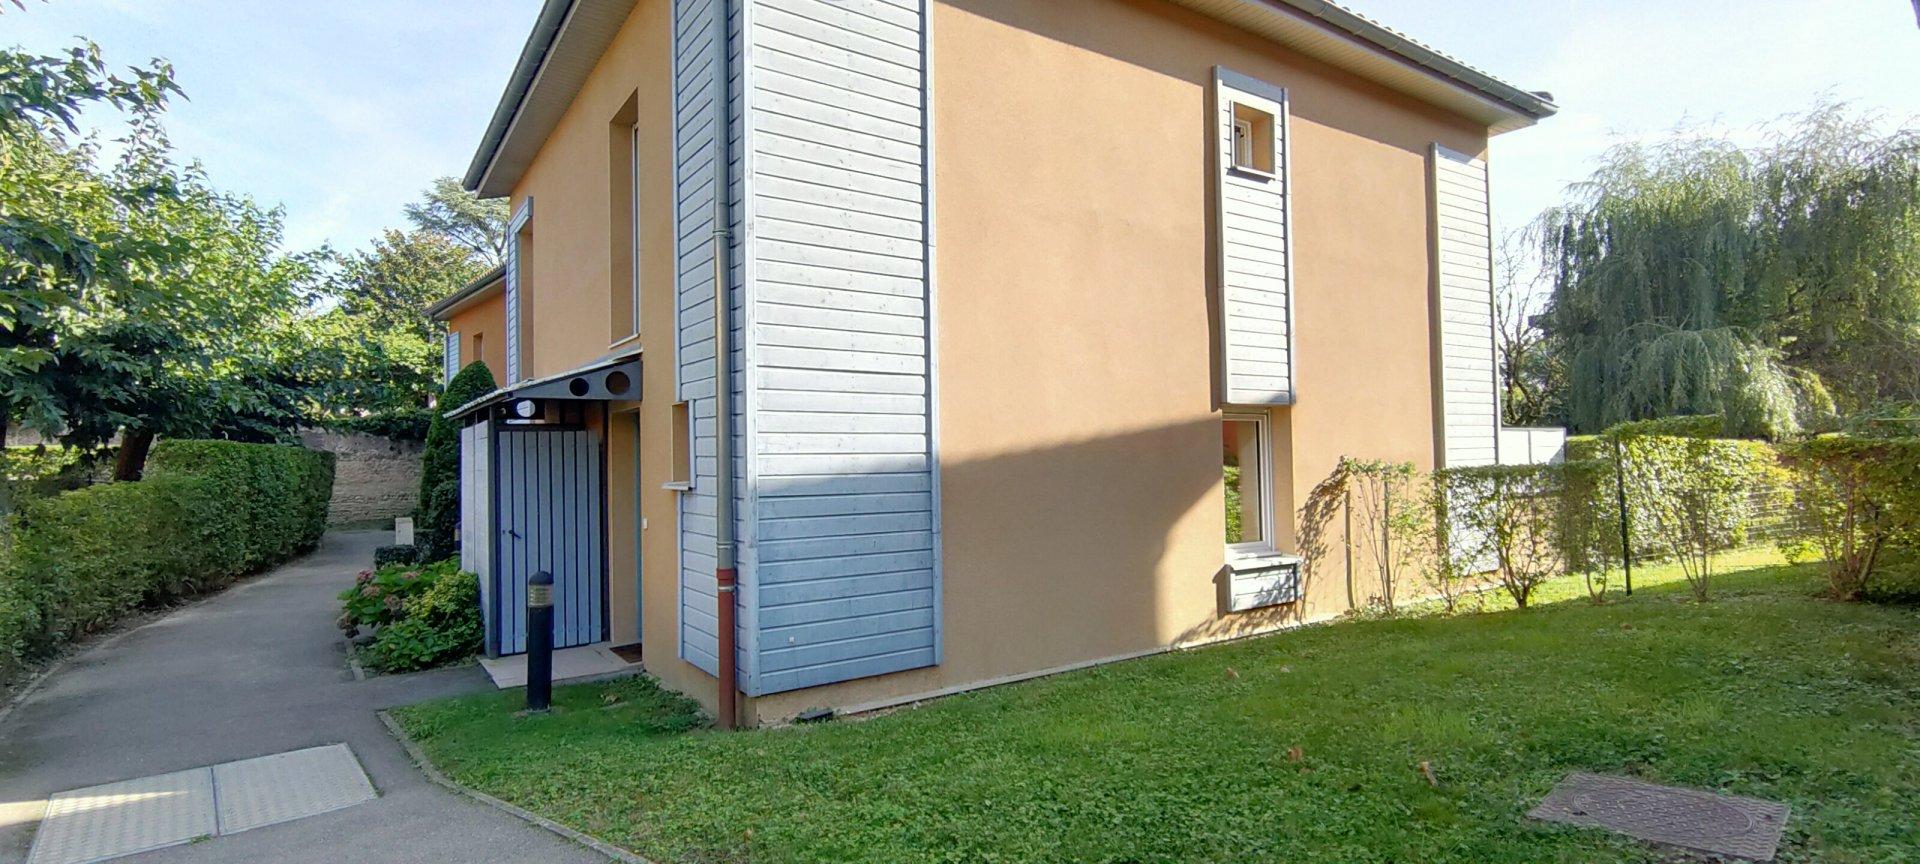 Maison 2 CH avec jardin, garage et place privative.